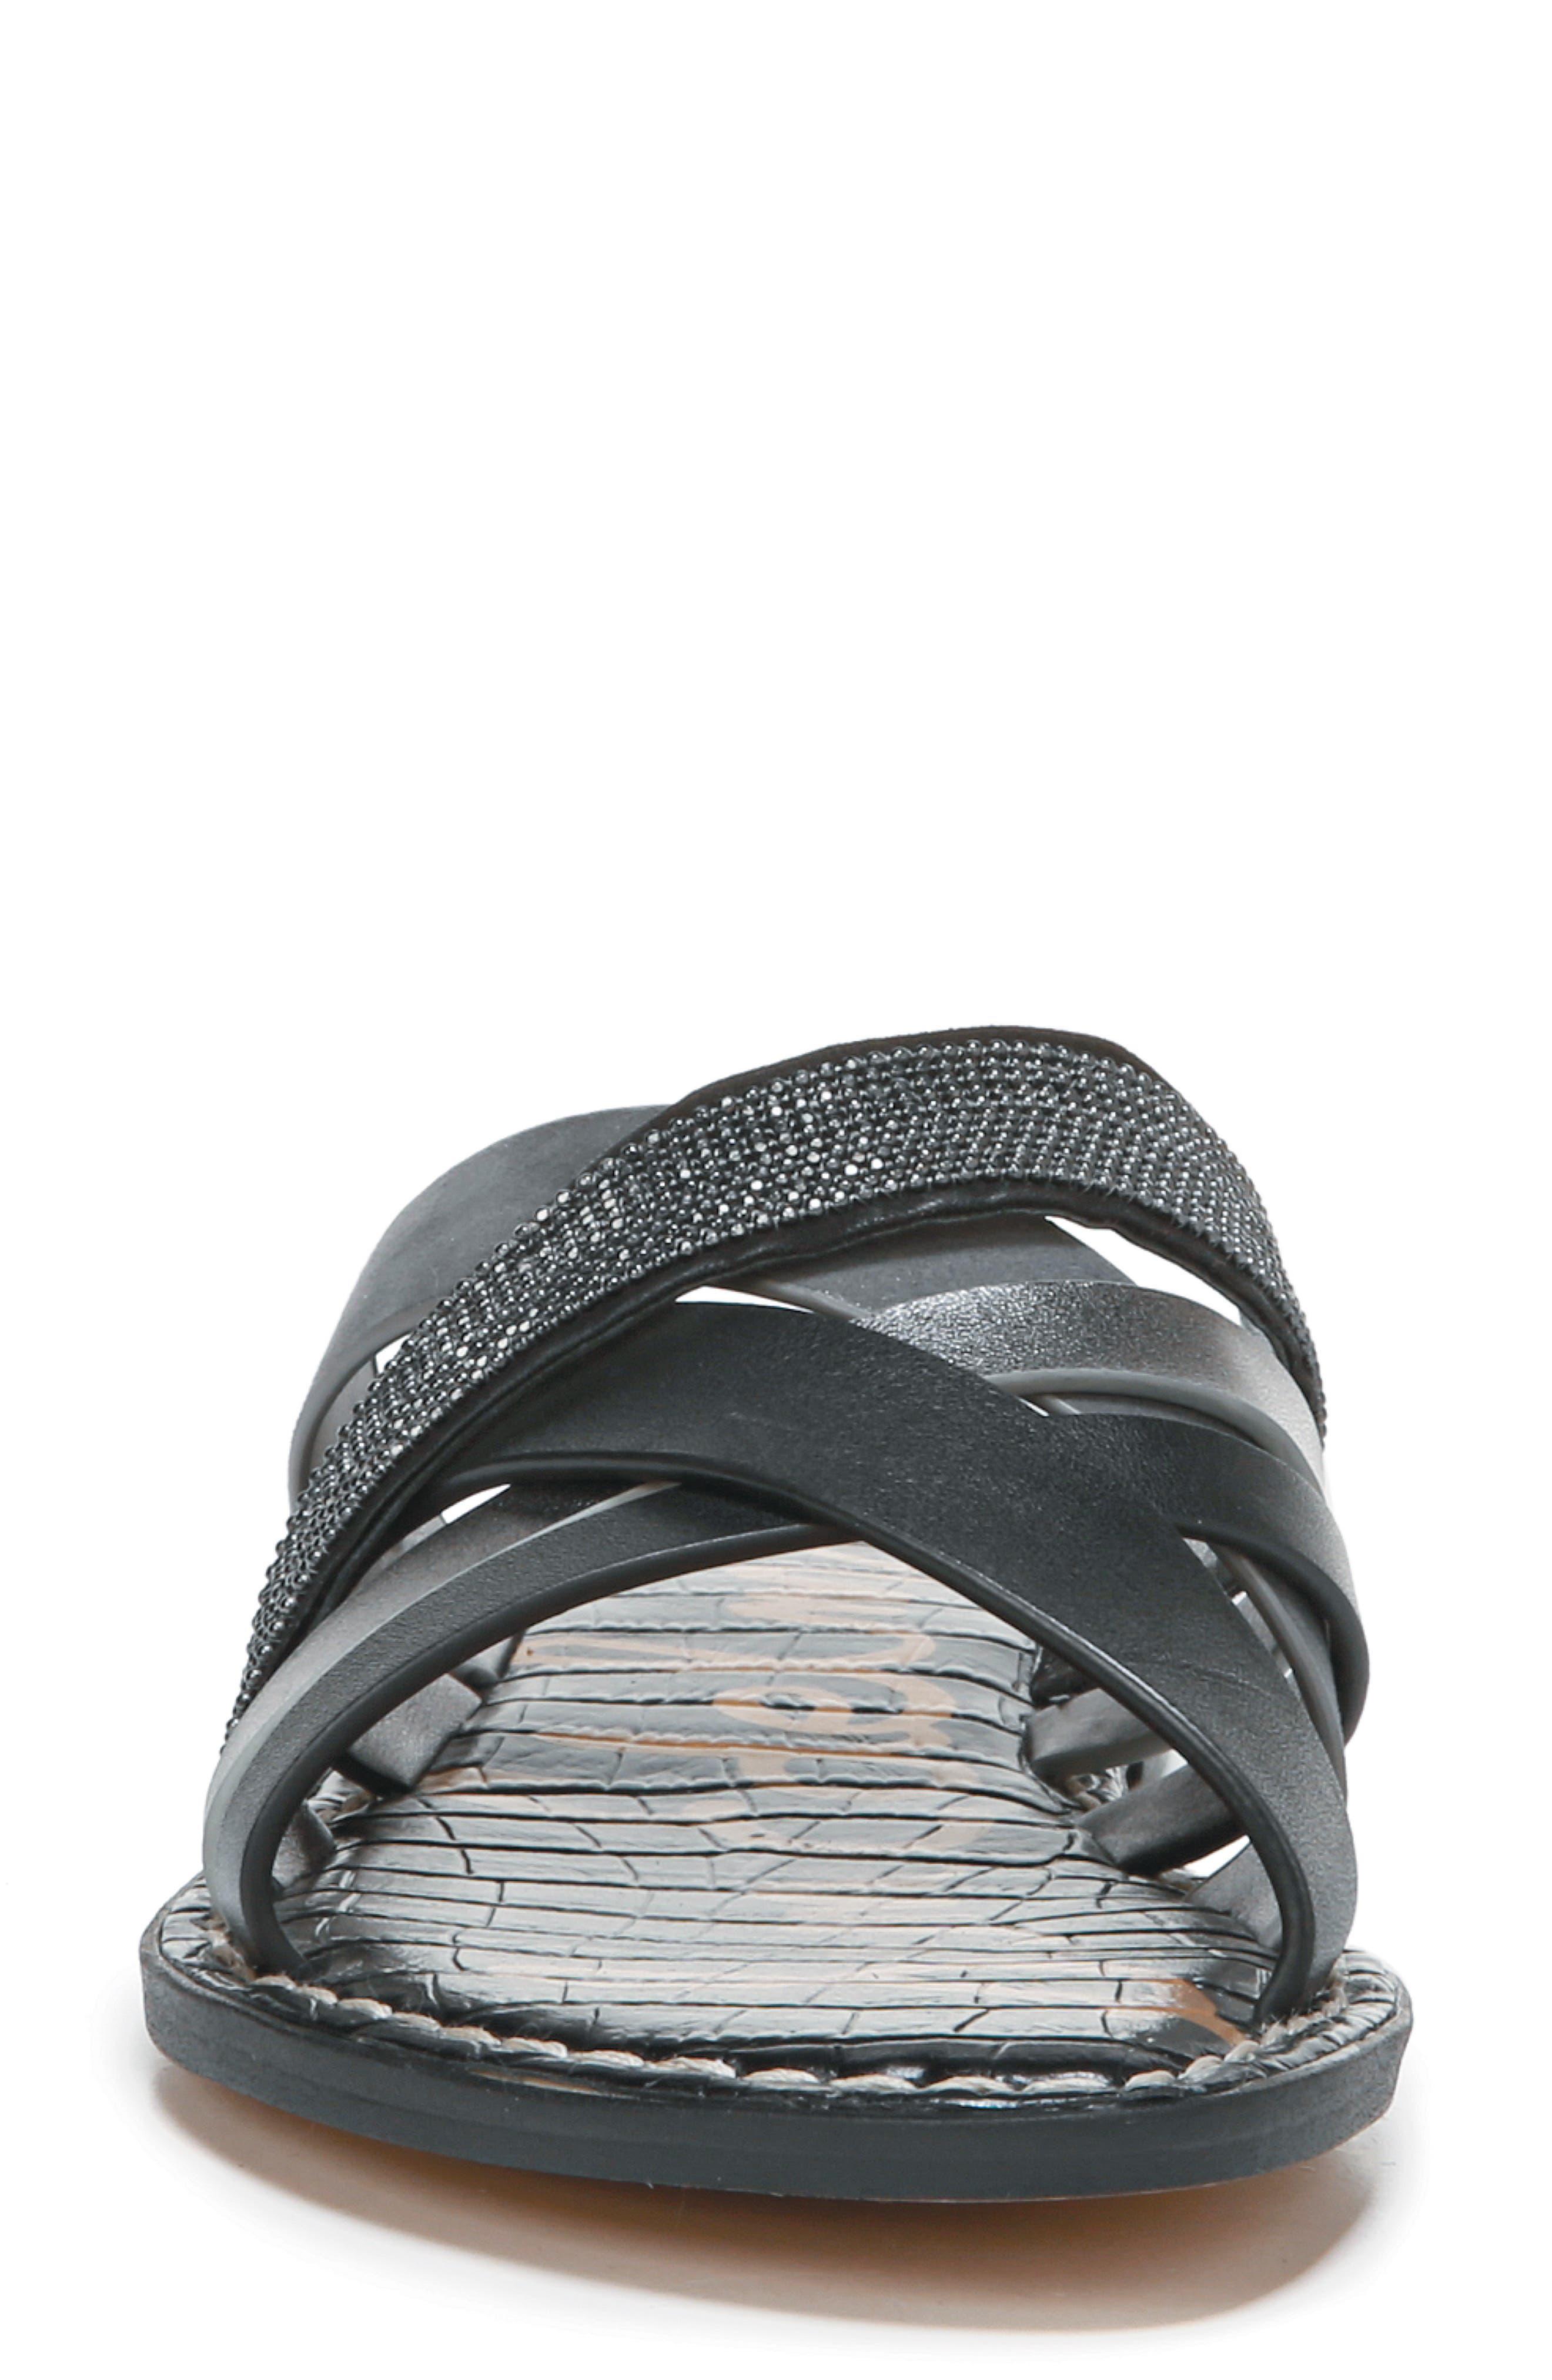 Glennia Slide Sandal,                             Alternate thumbnail 4, color,                             DARK PEWTER/ BLACK LEATHER